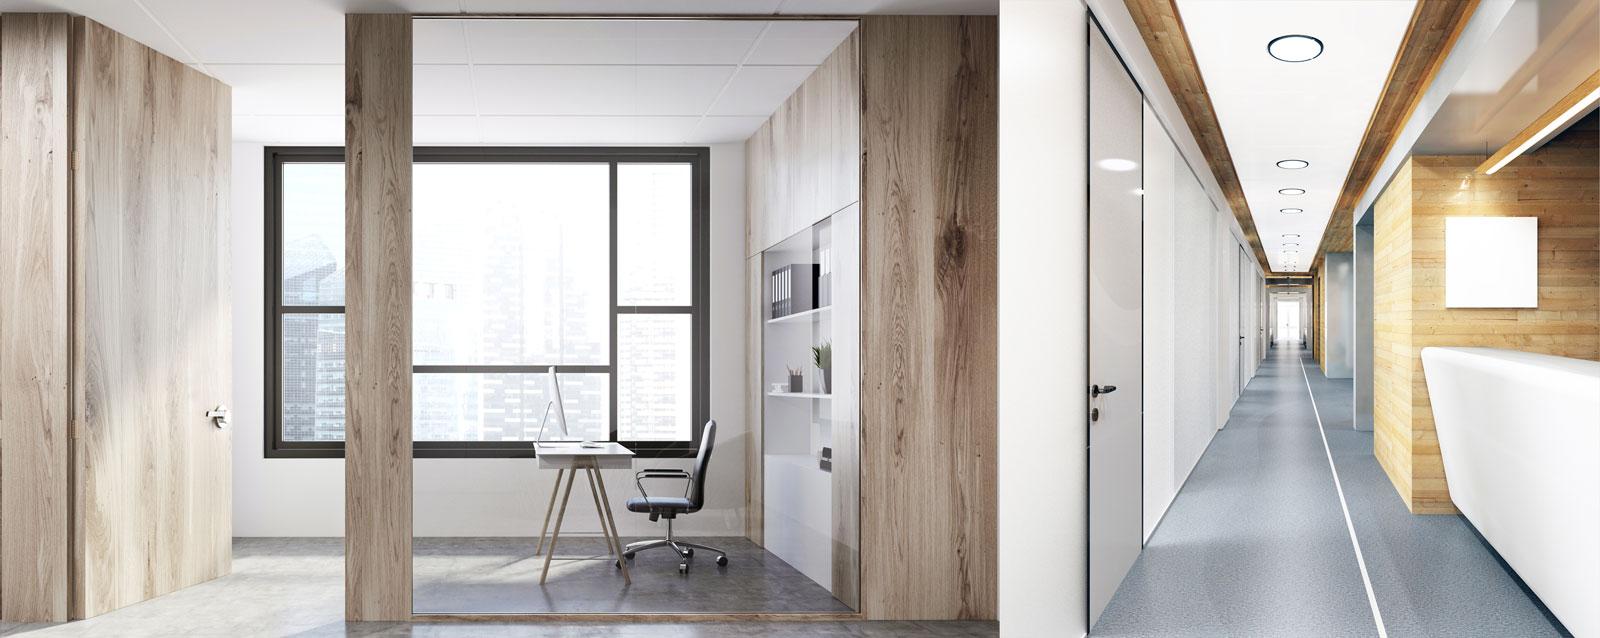 Forrado de oficinas con madera | DESMON